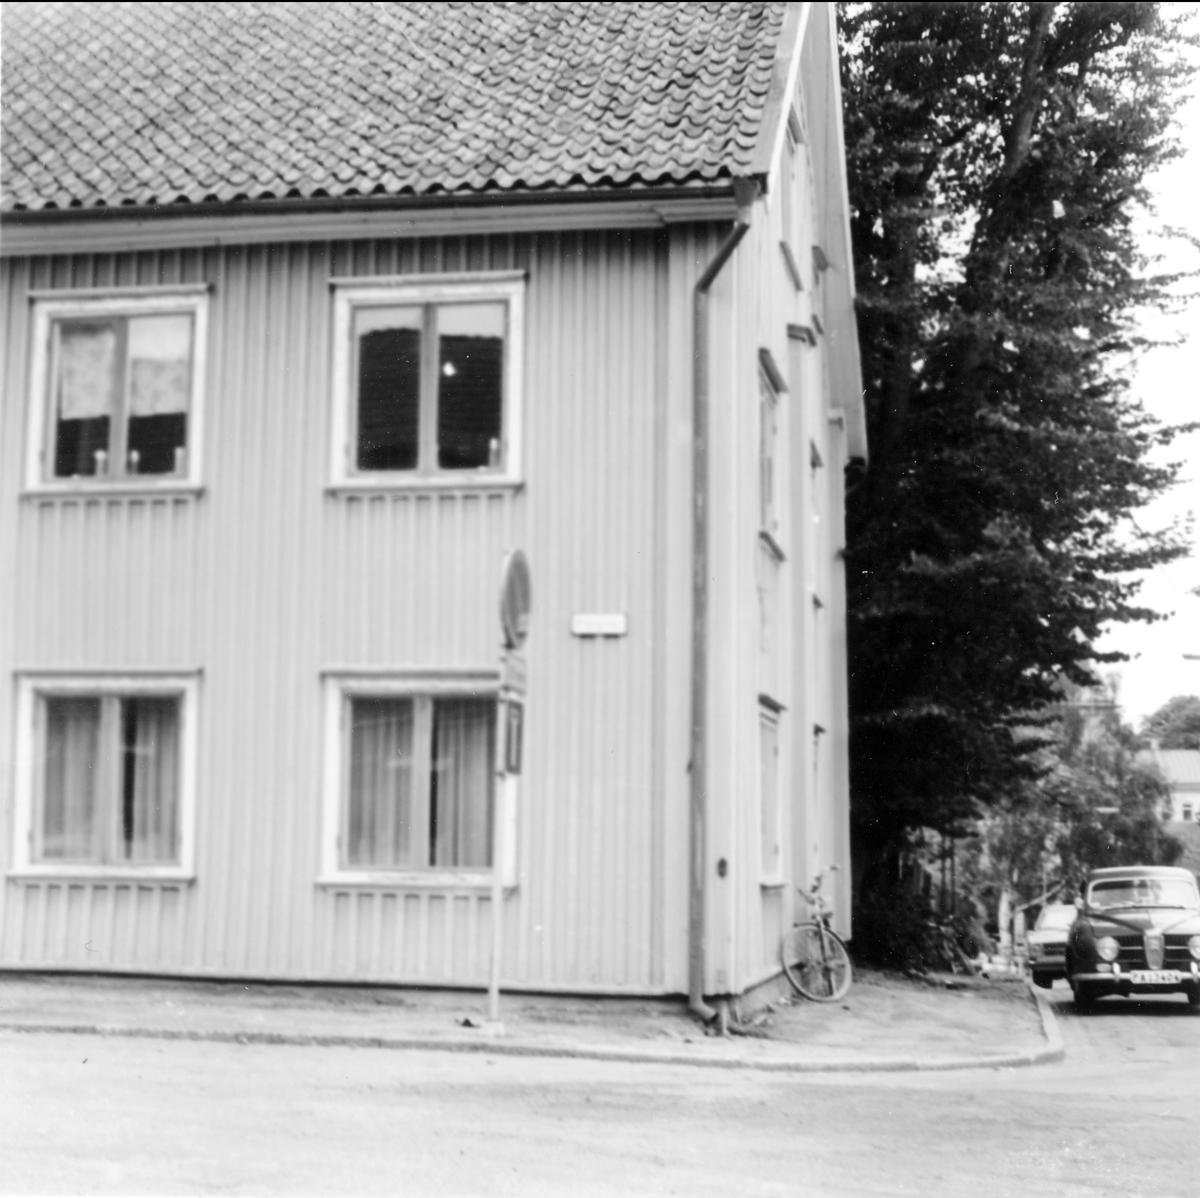 Trähus i hörnet av Plangatan och Östra Vattugränd, kvarteret Spinnaren.